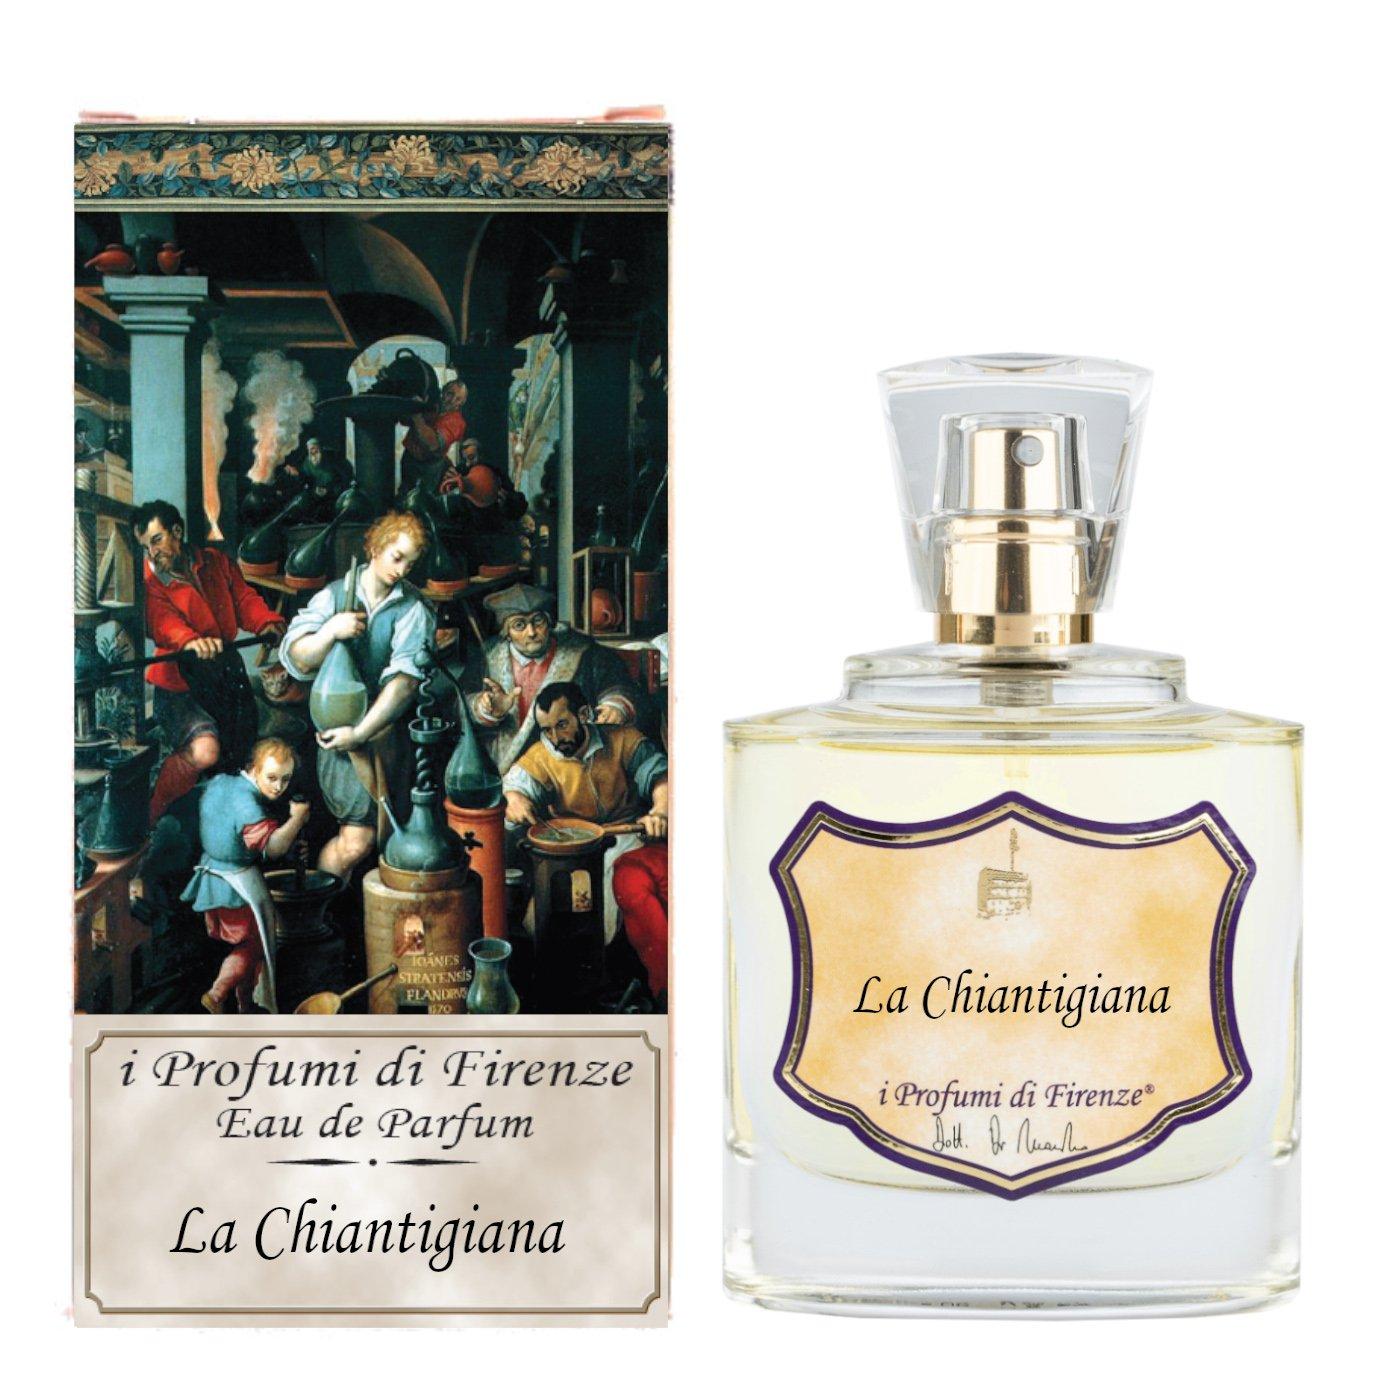 LA CHIANTIGIANA - Eau de Parfum-4154